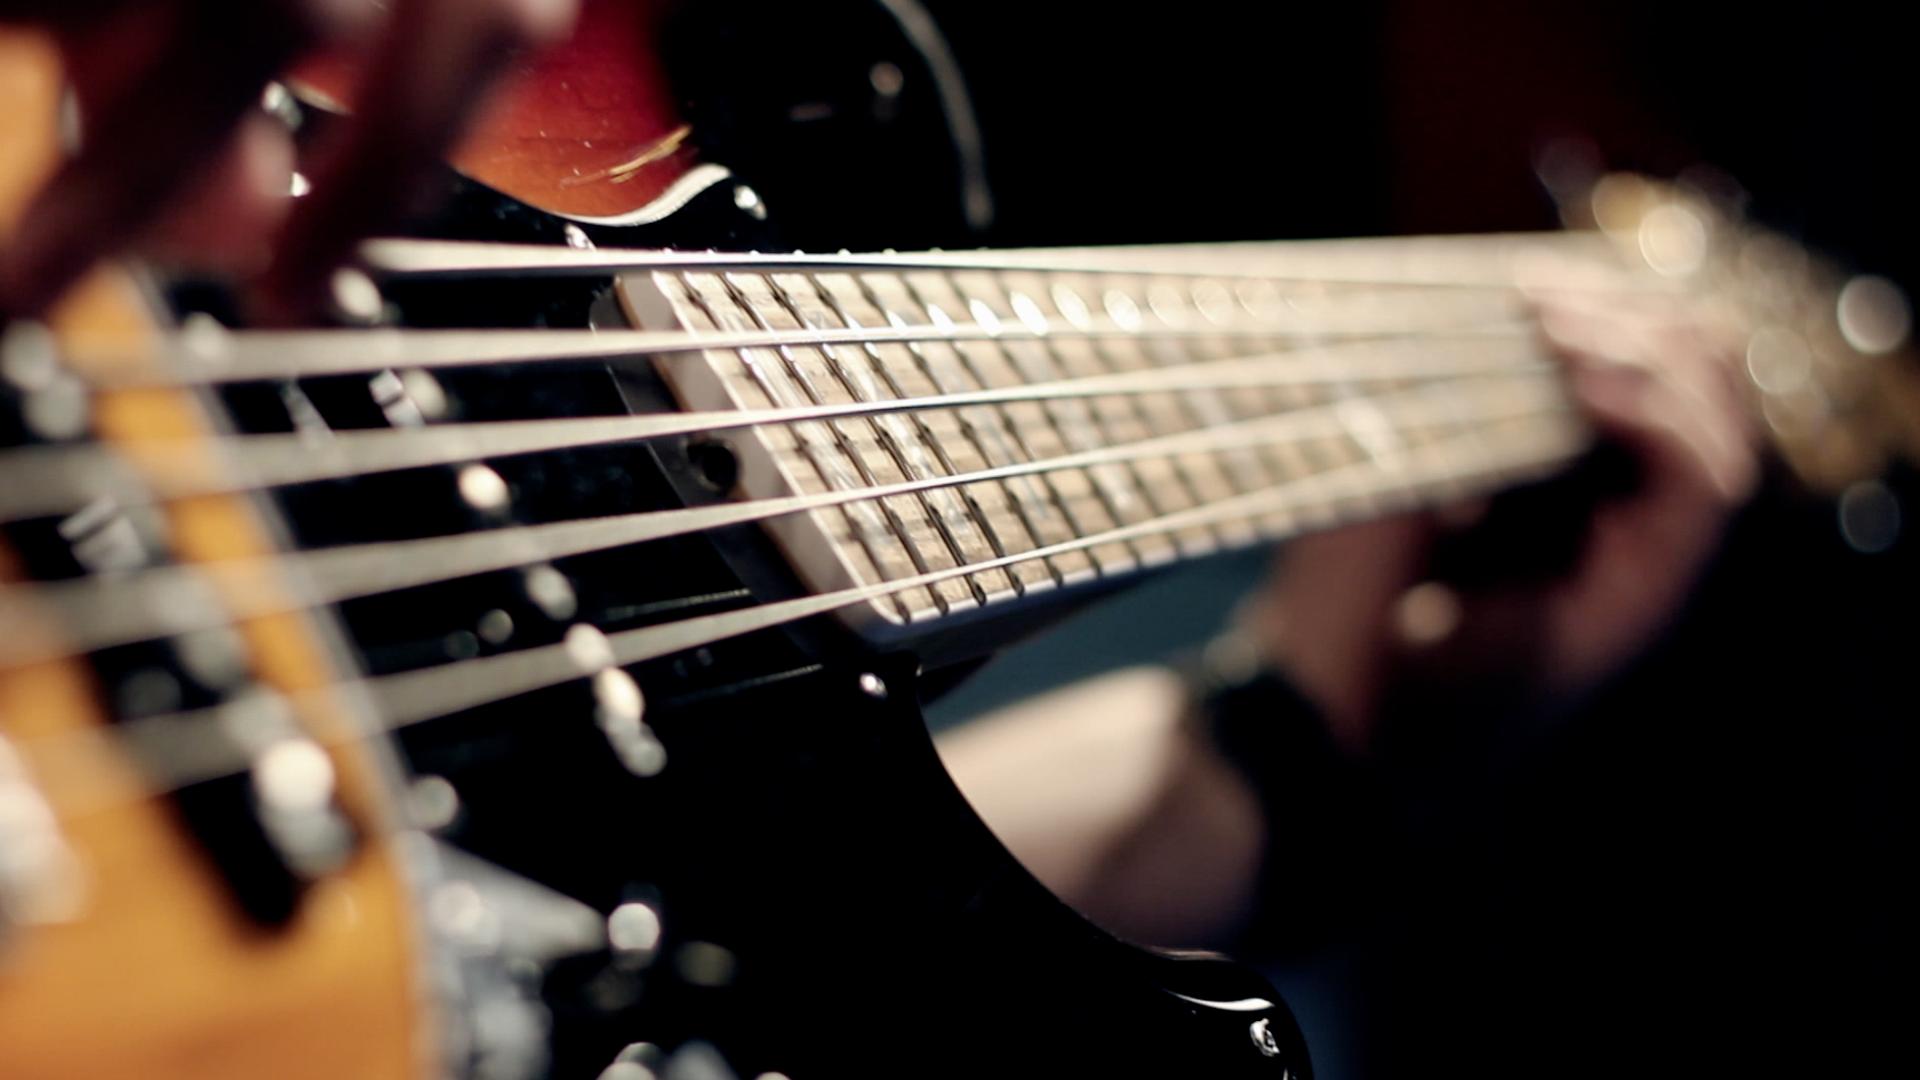 bass hands close shot.png